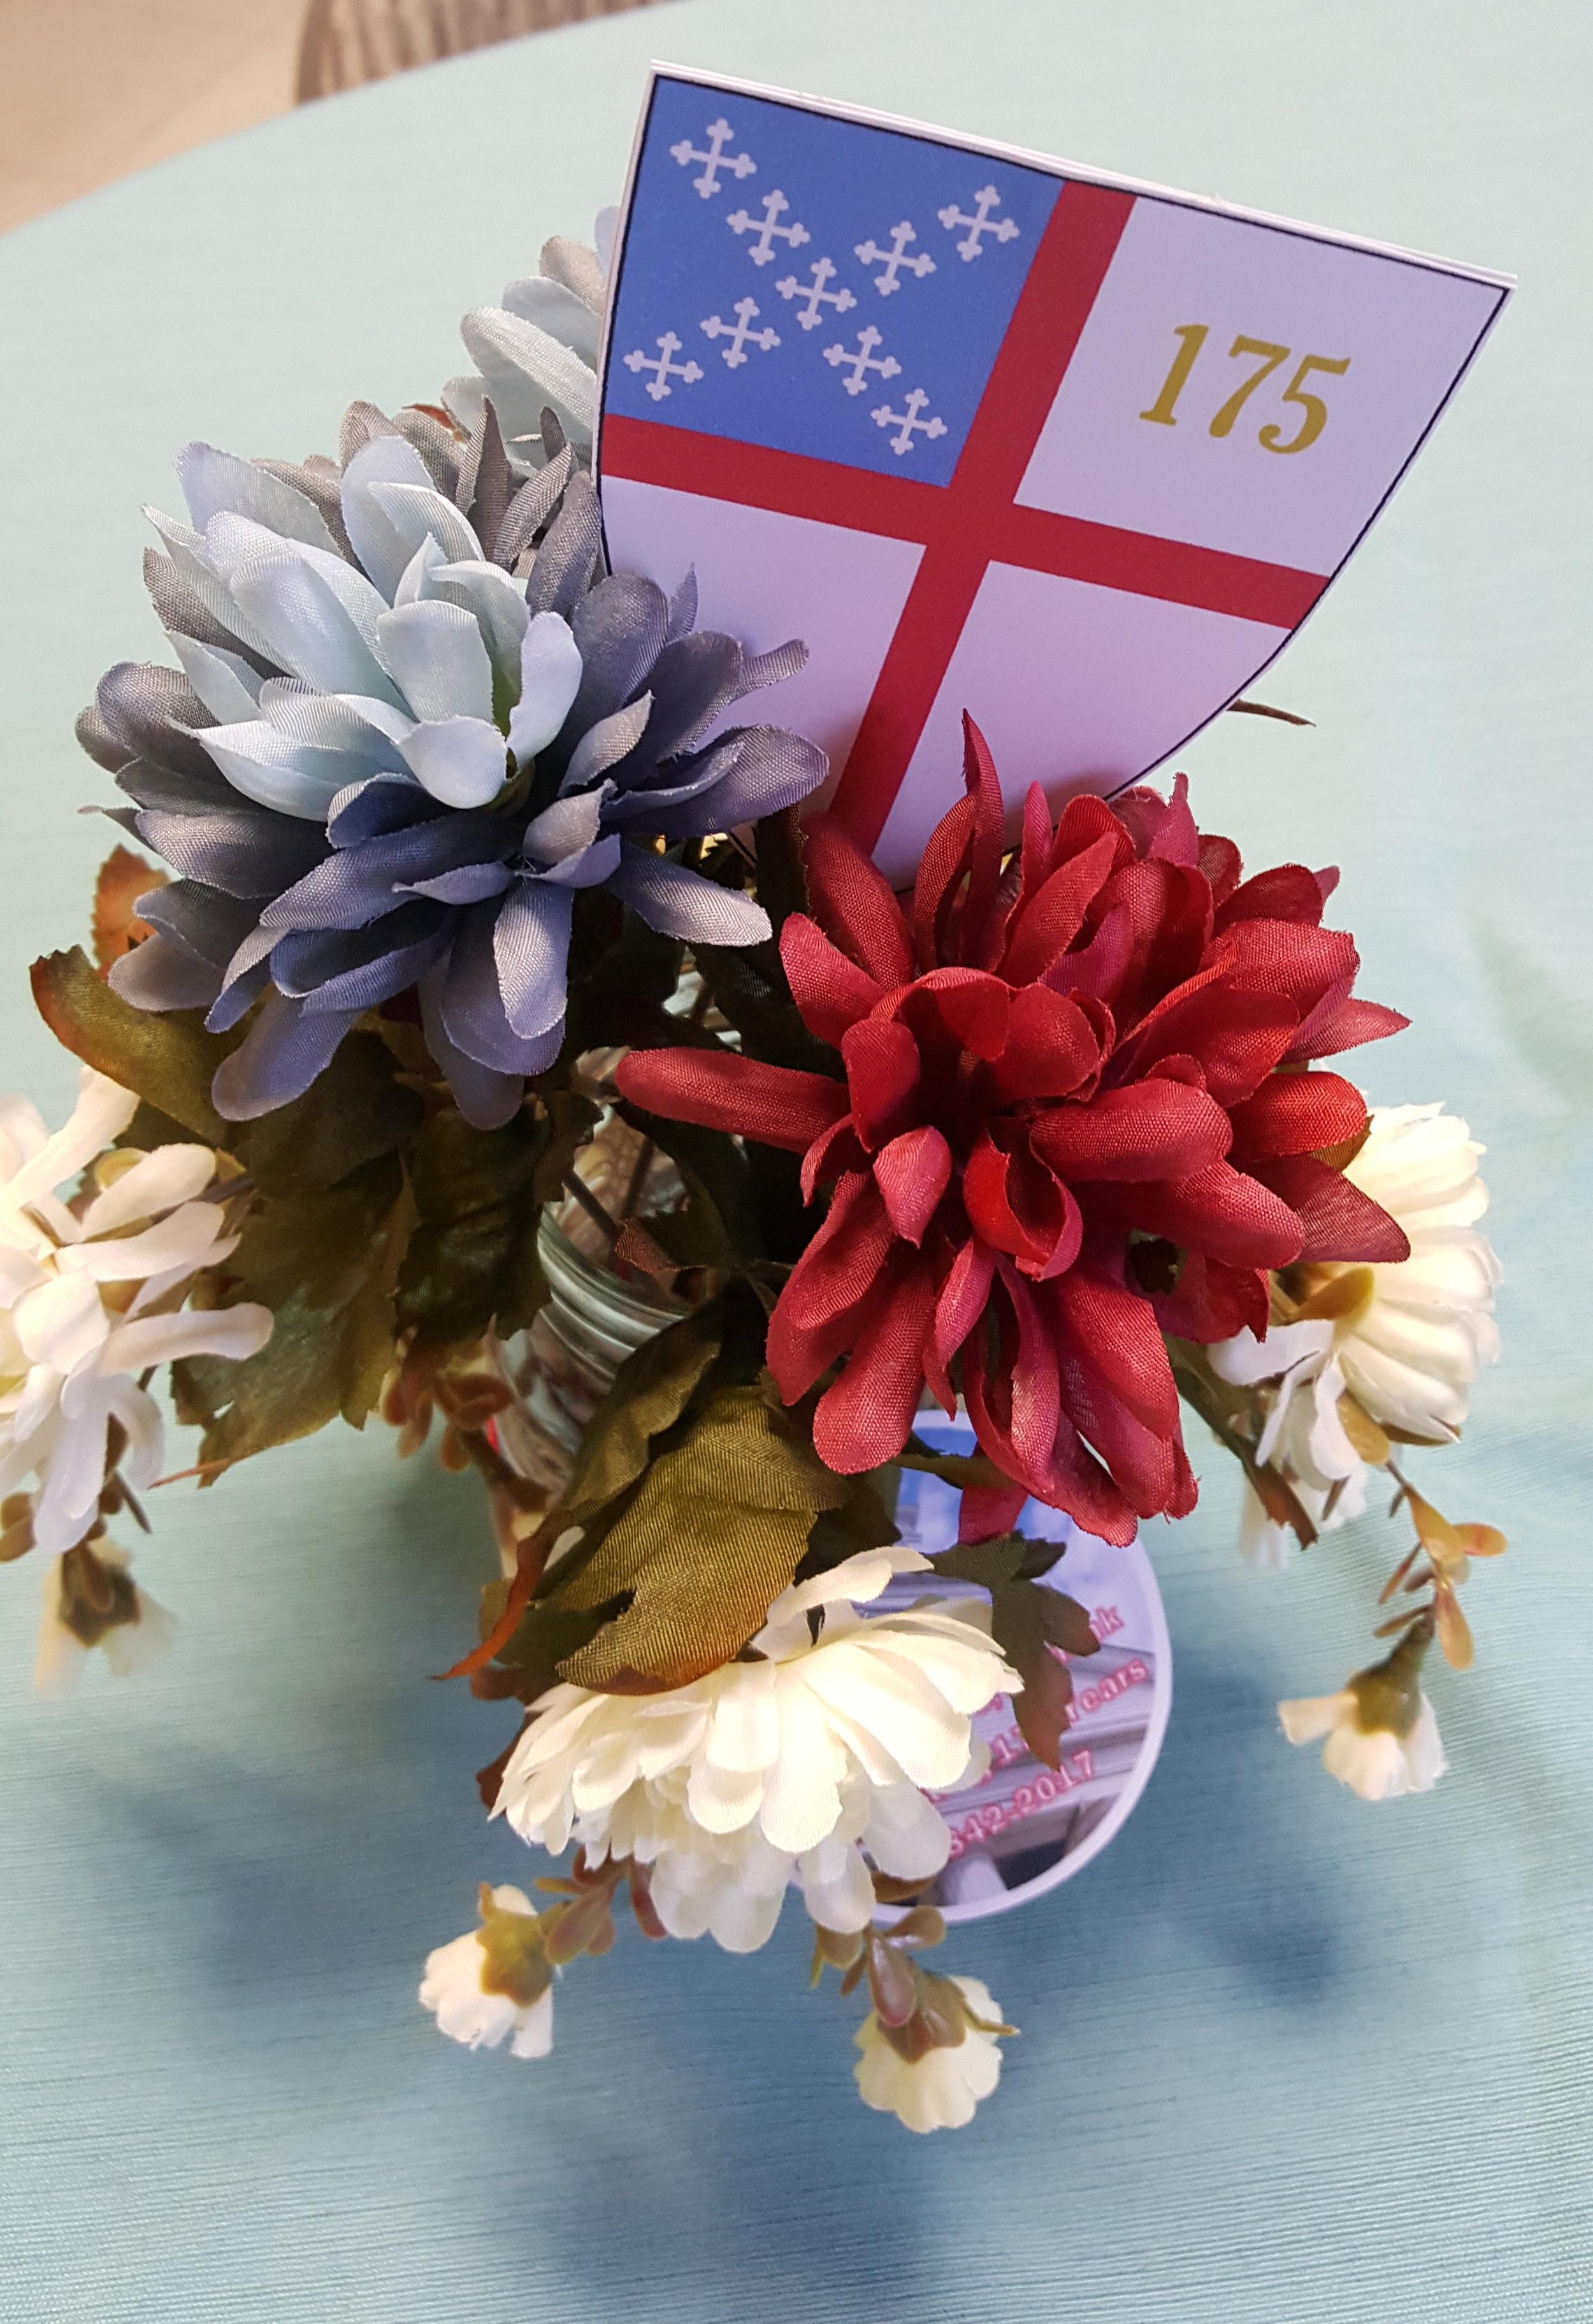 175th table flowers.jpg